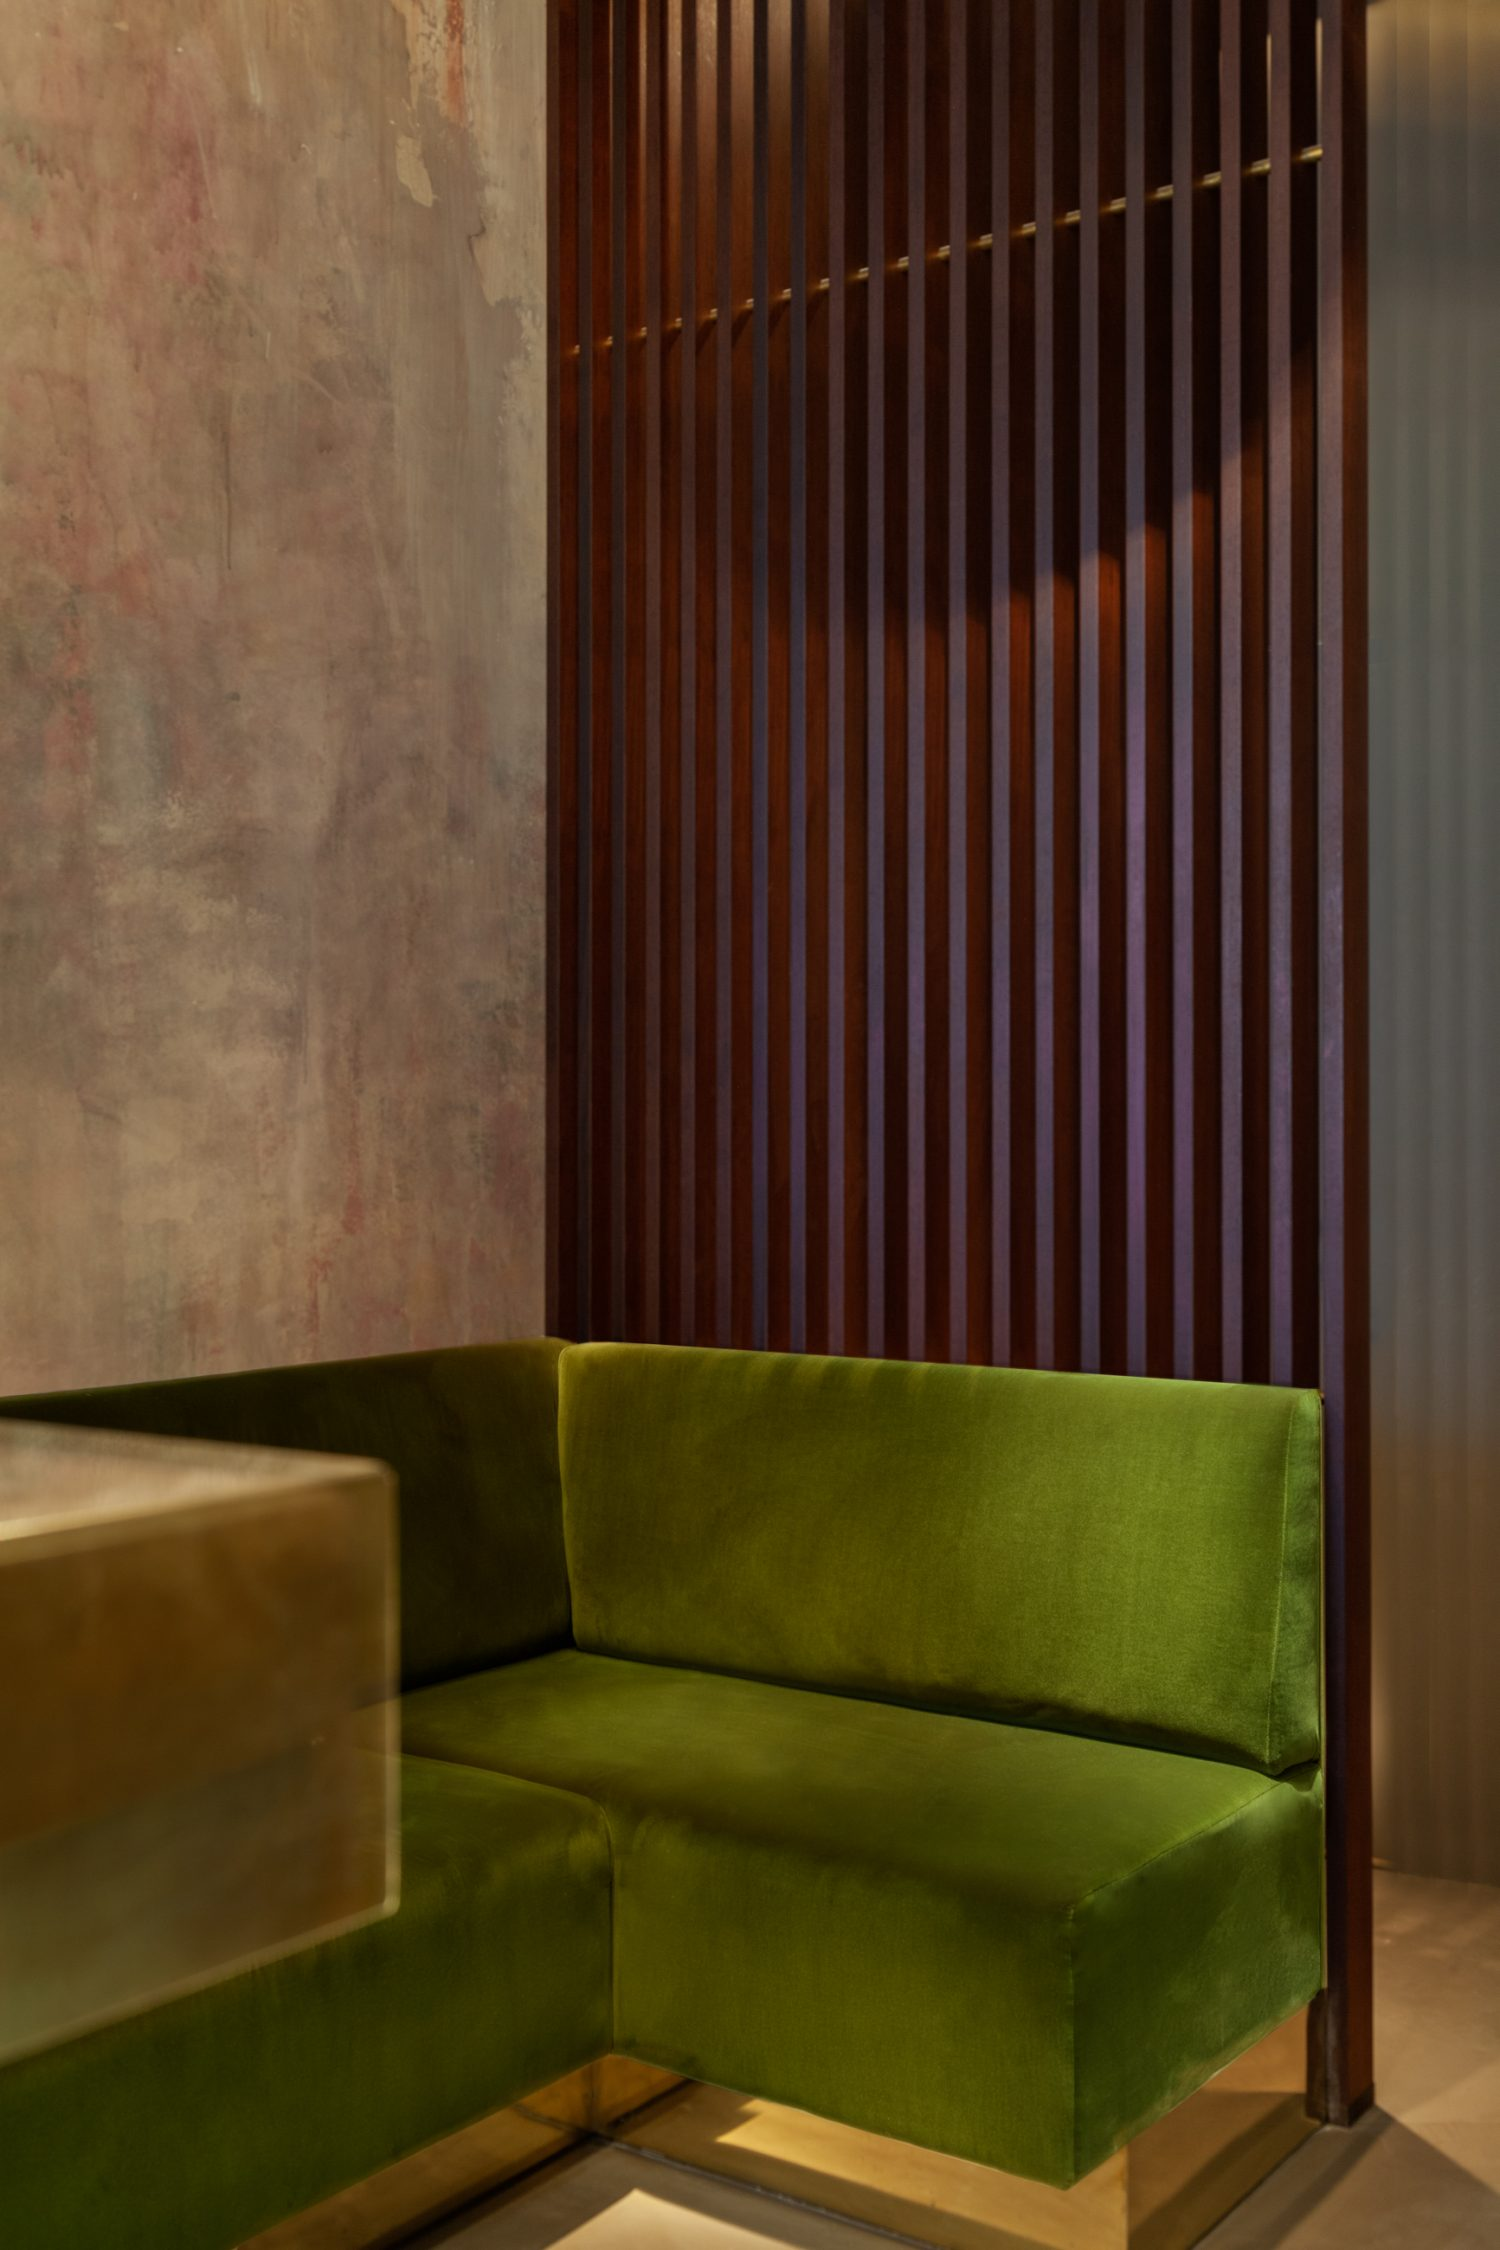 lindholz interior design polsterbank trennwand einbauten